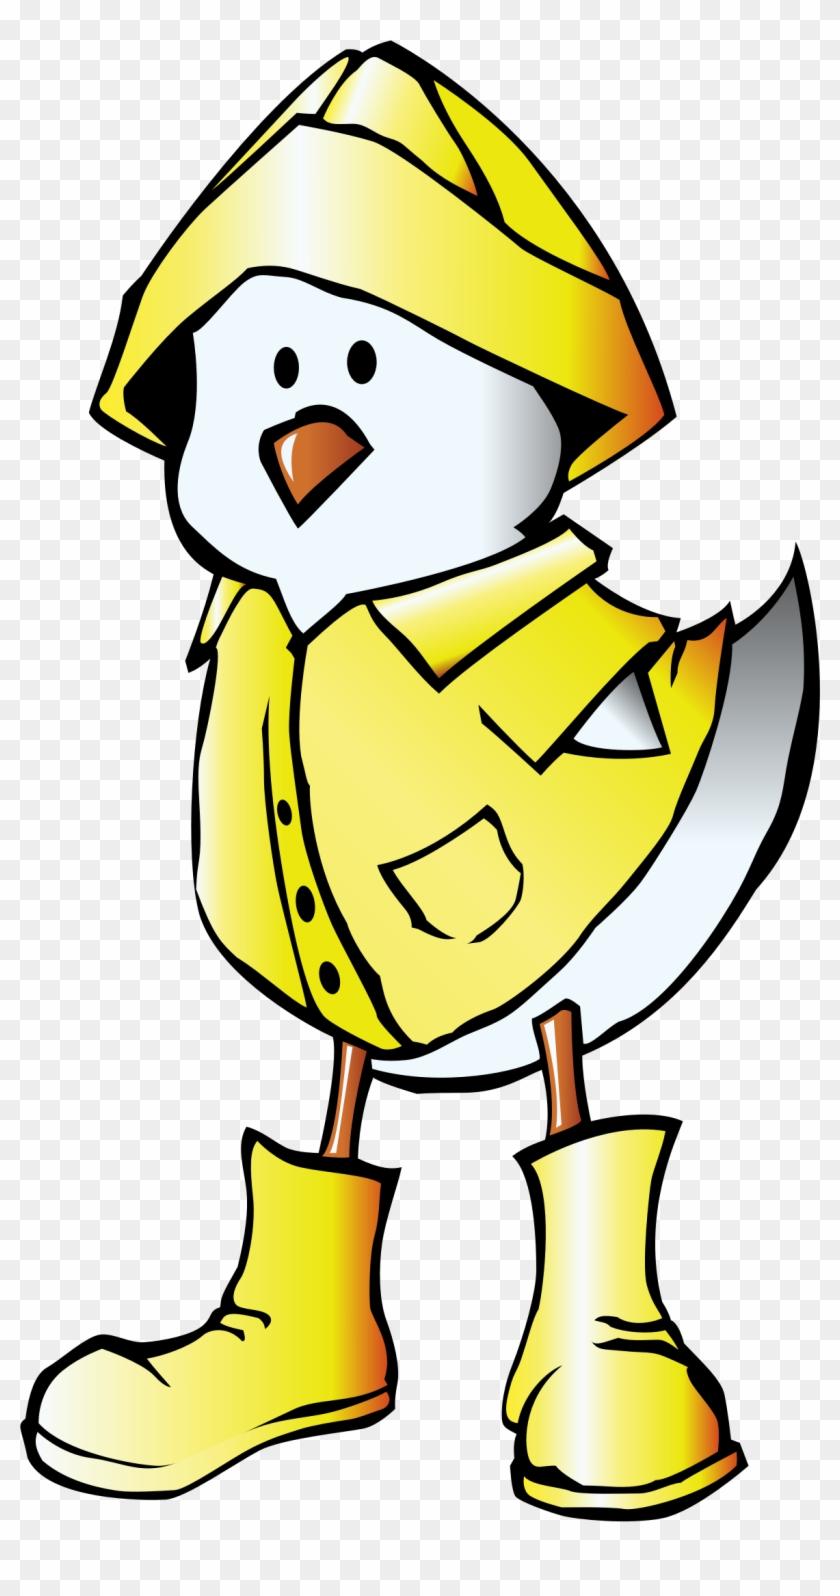 Big Image - Duck Raincoat Cartoon #128098